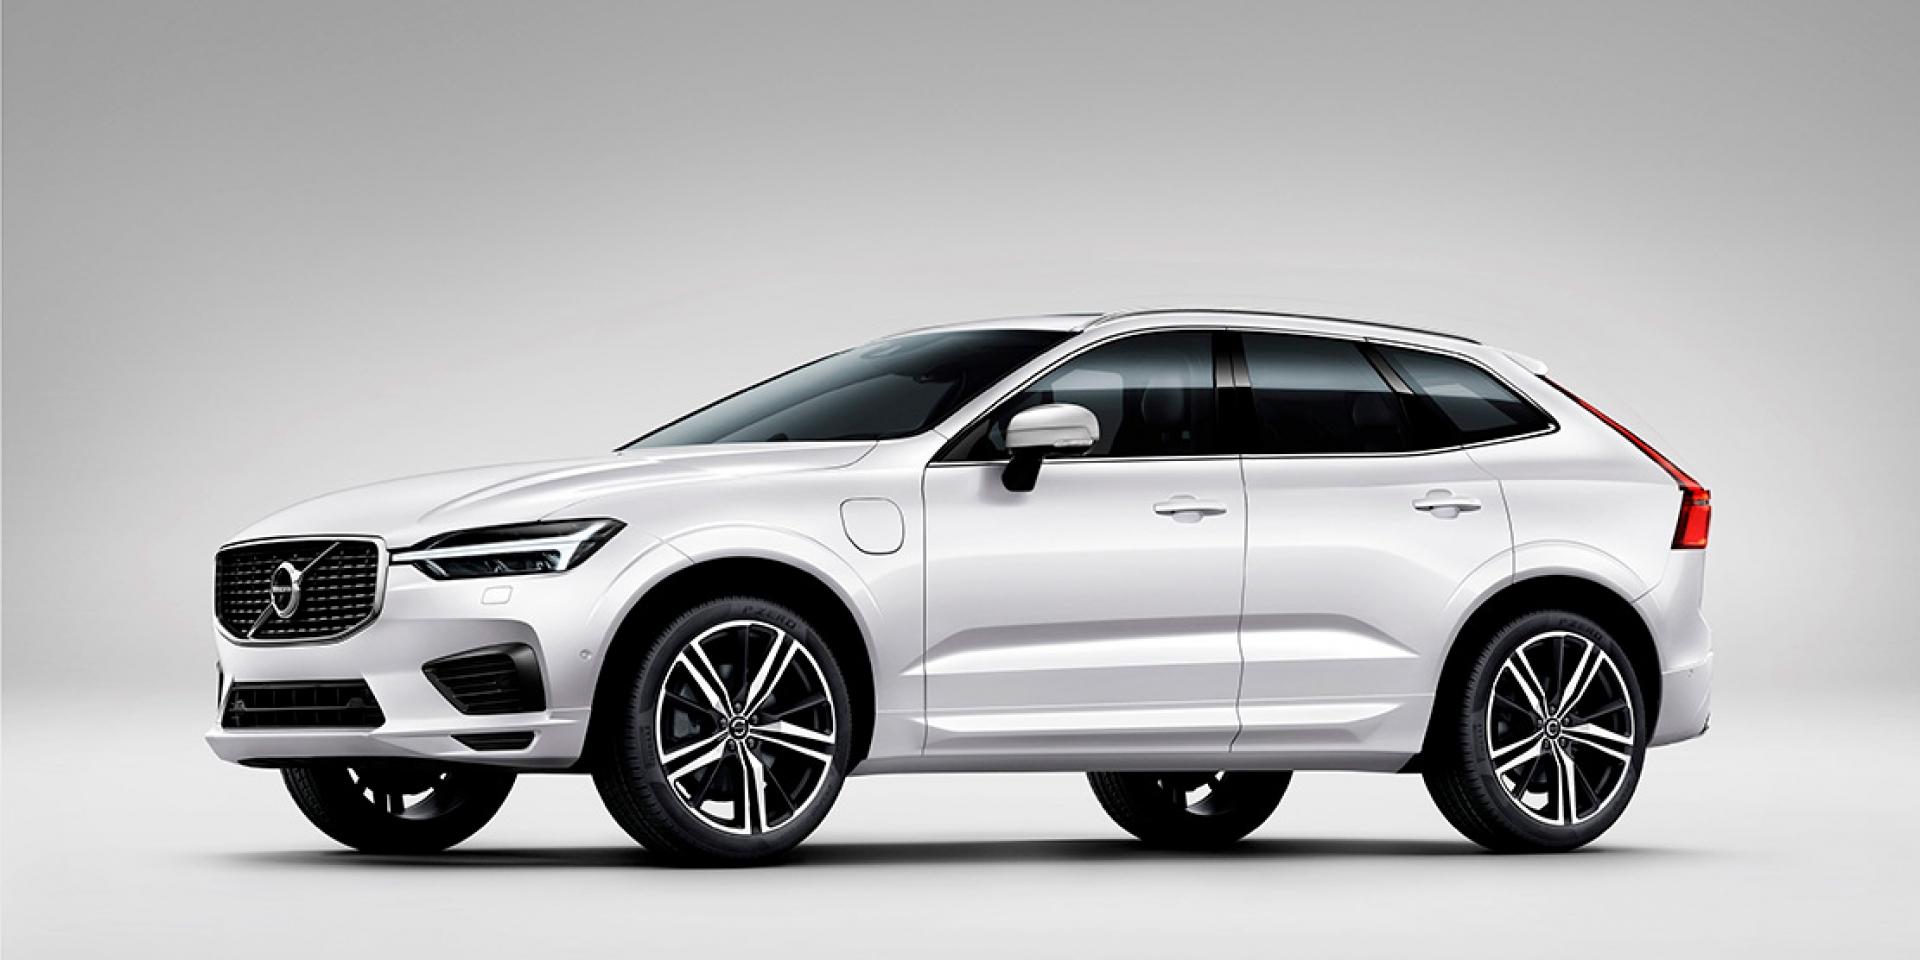 Volvo註冊XC50名稱,跑格SUV開發中?